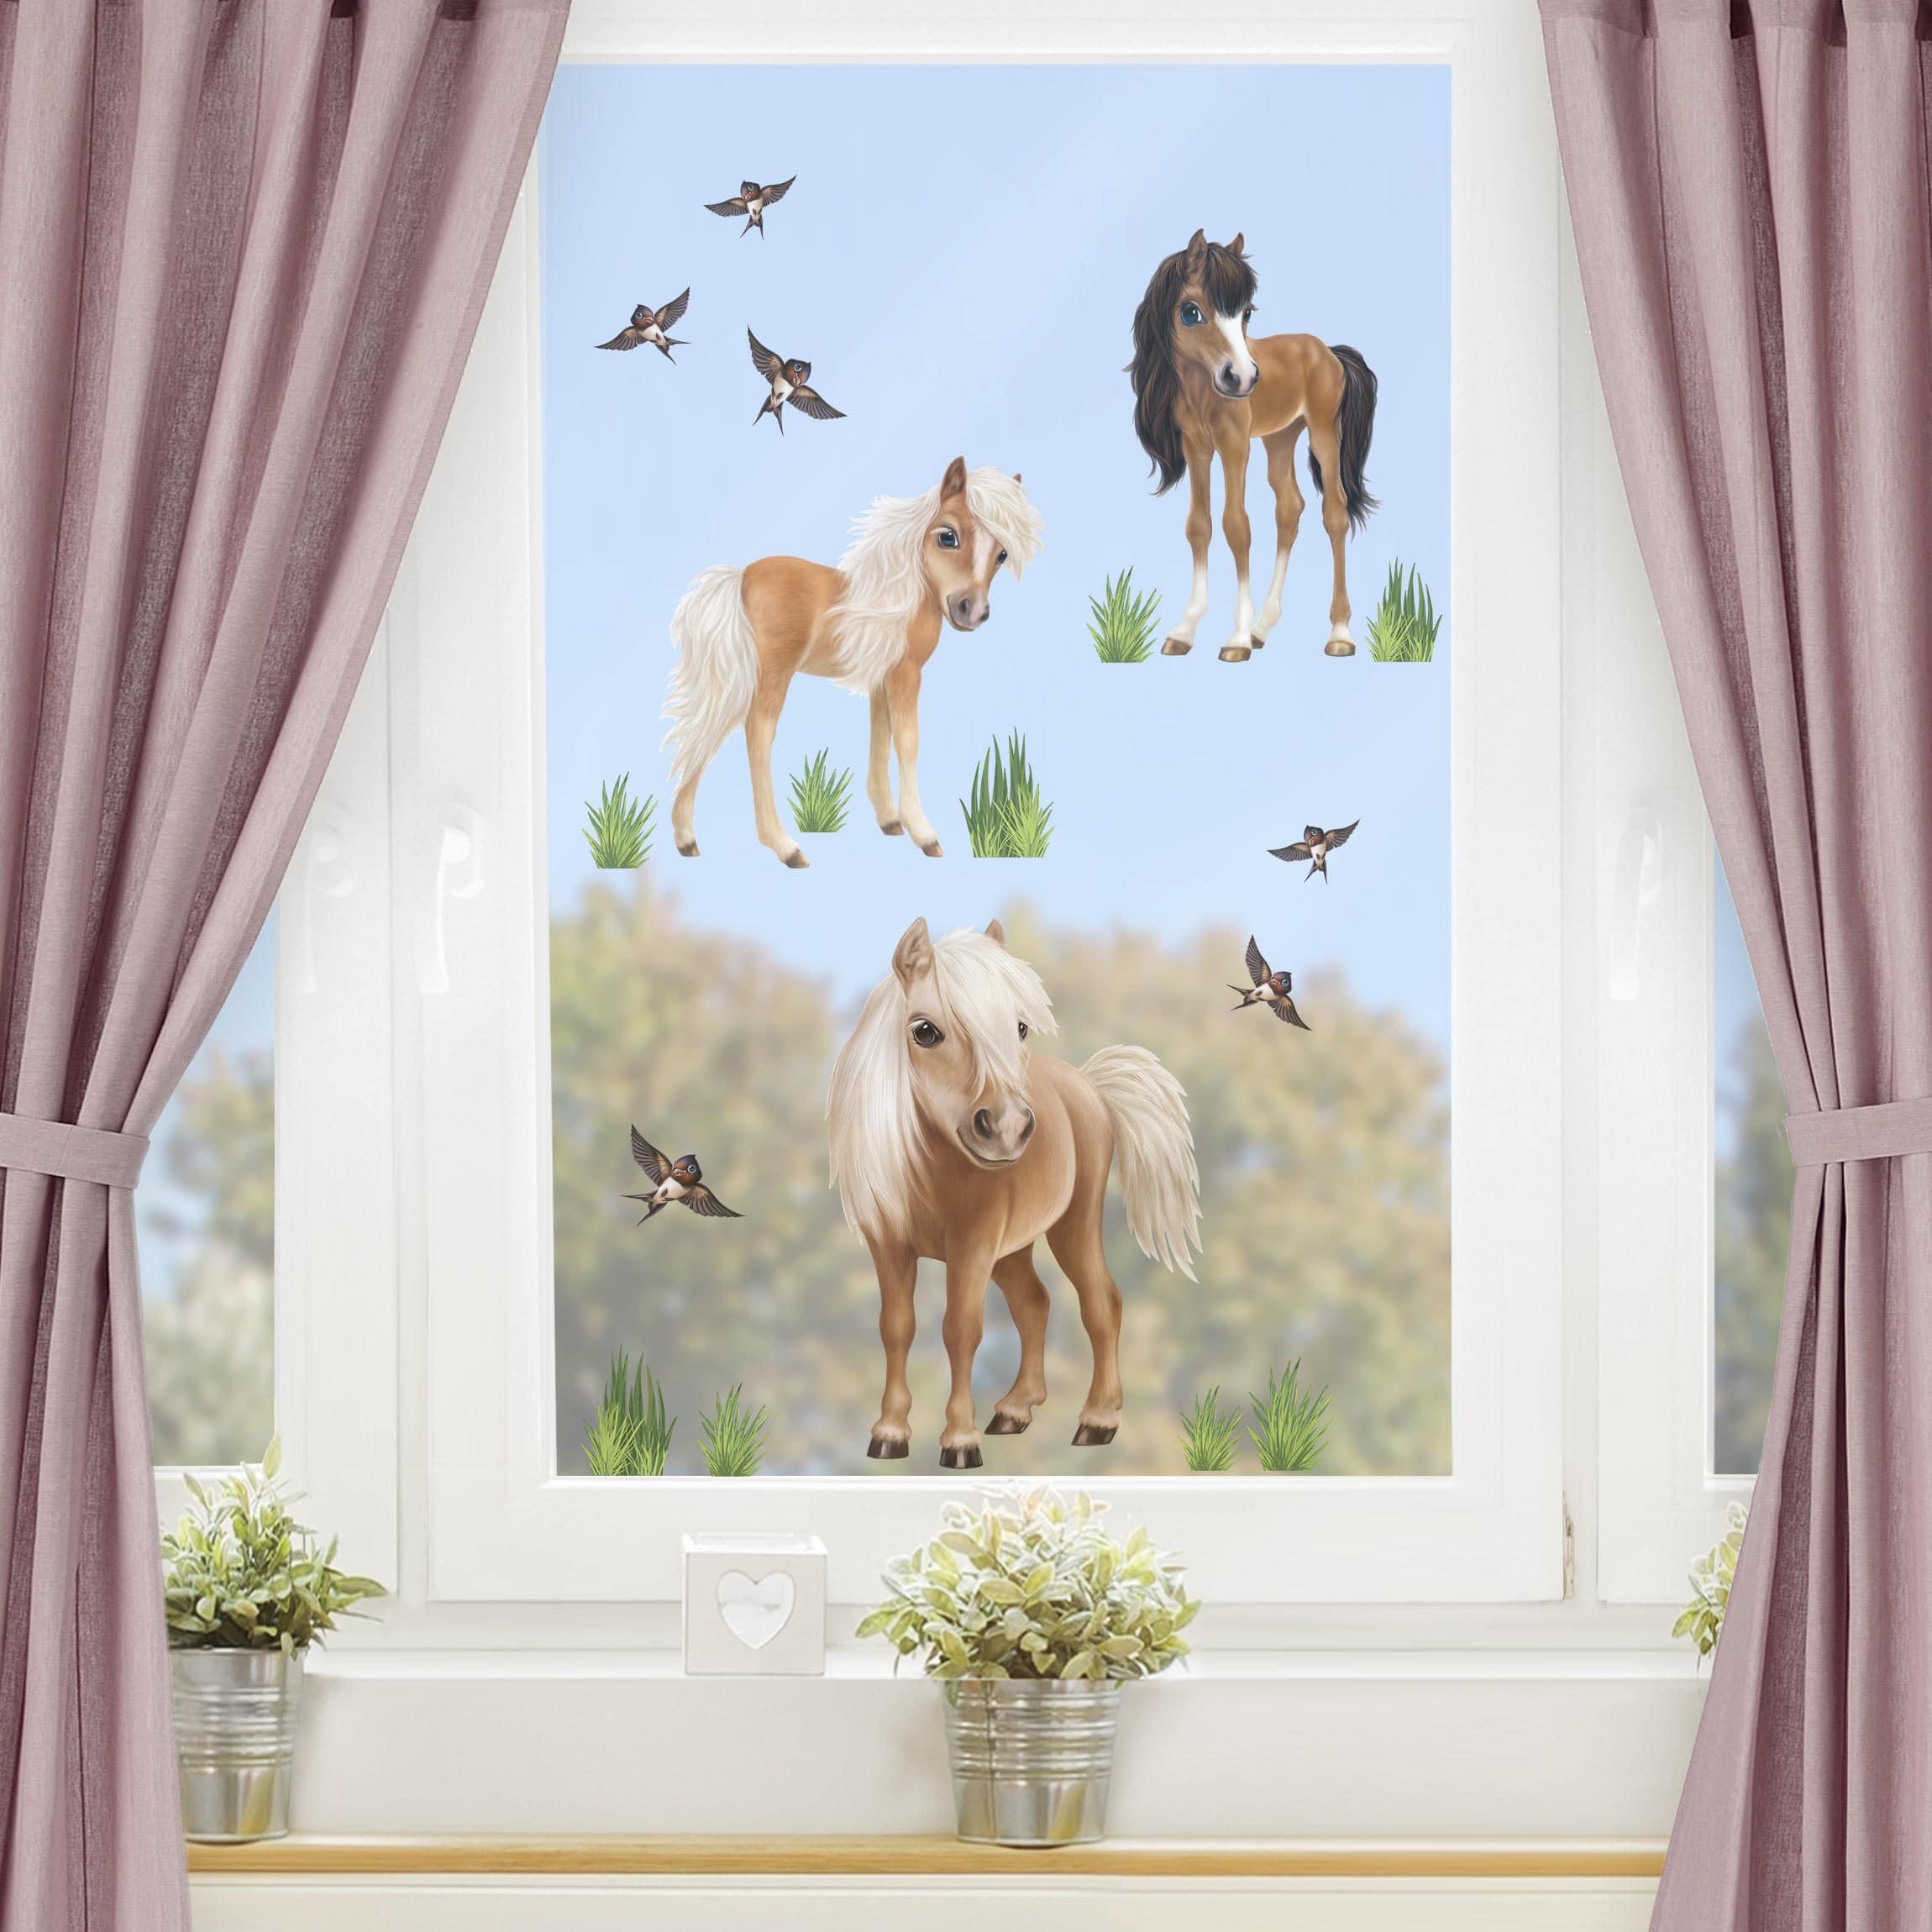 Full Size of Kinderzimmer Pferd Fensterfolie Fenstersticker Animal Club Sofa Regal Weiß Regale Kinderzimmer Kinderzimmer Pferd